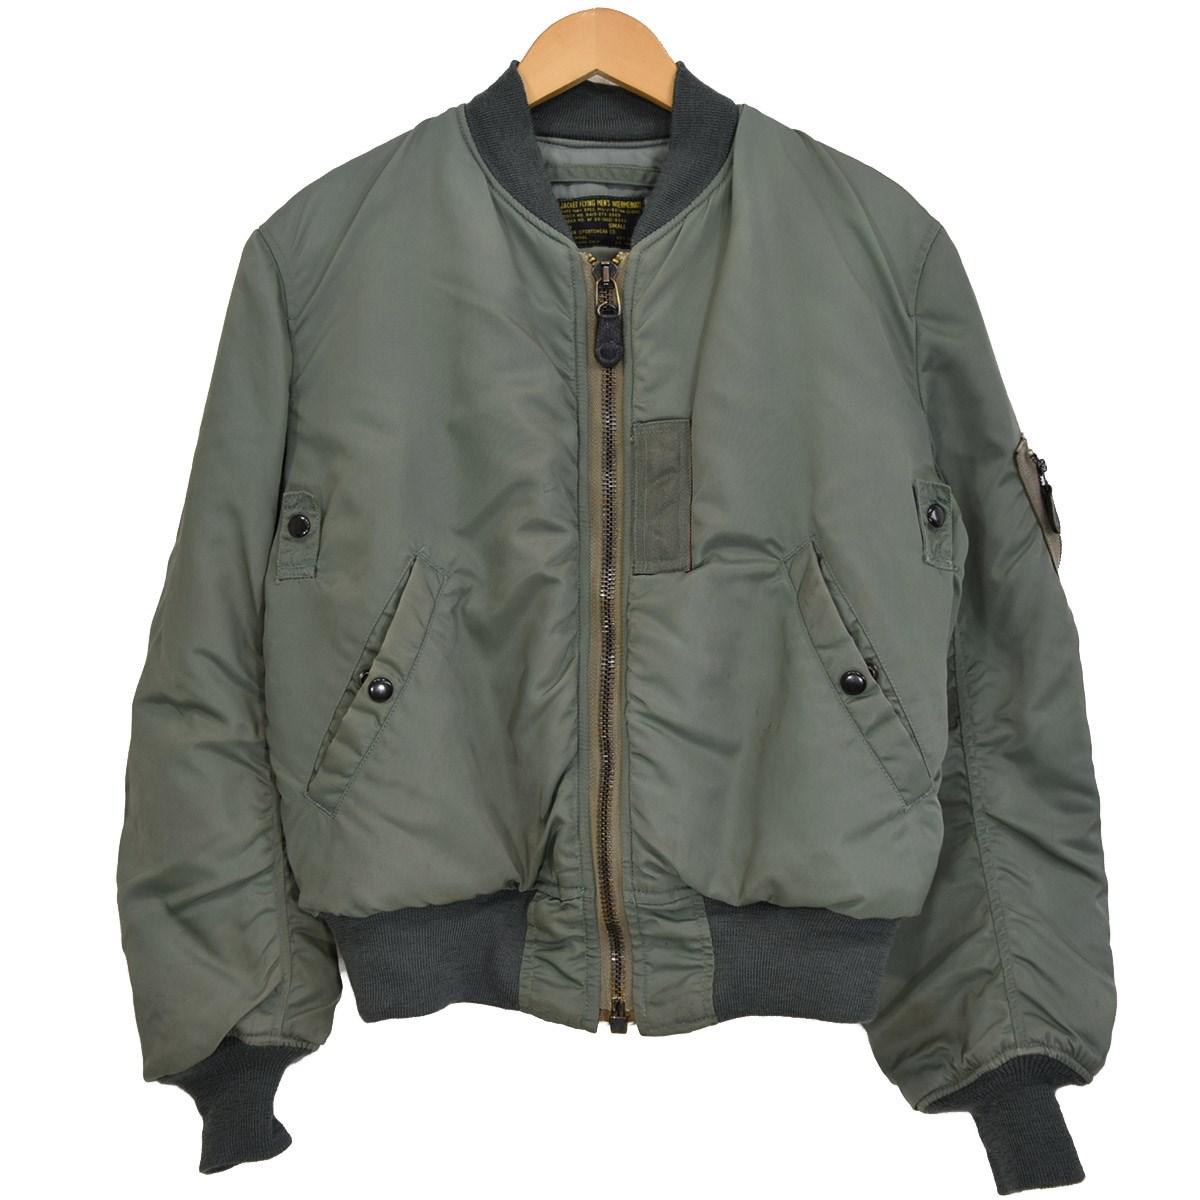 【中古】THE REAL McCOYS MA-1 ジャケット 8415-273-3969 セージグリーン サイズ:S 【120220】(リアルマッコイズ)